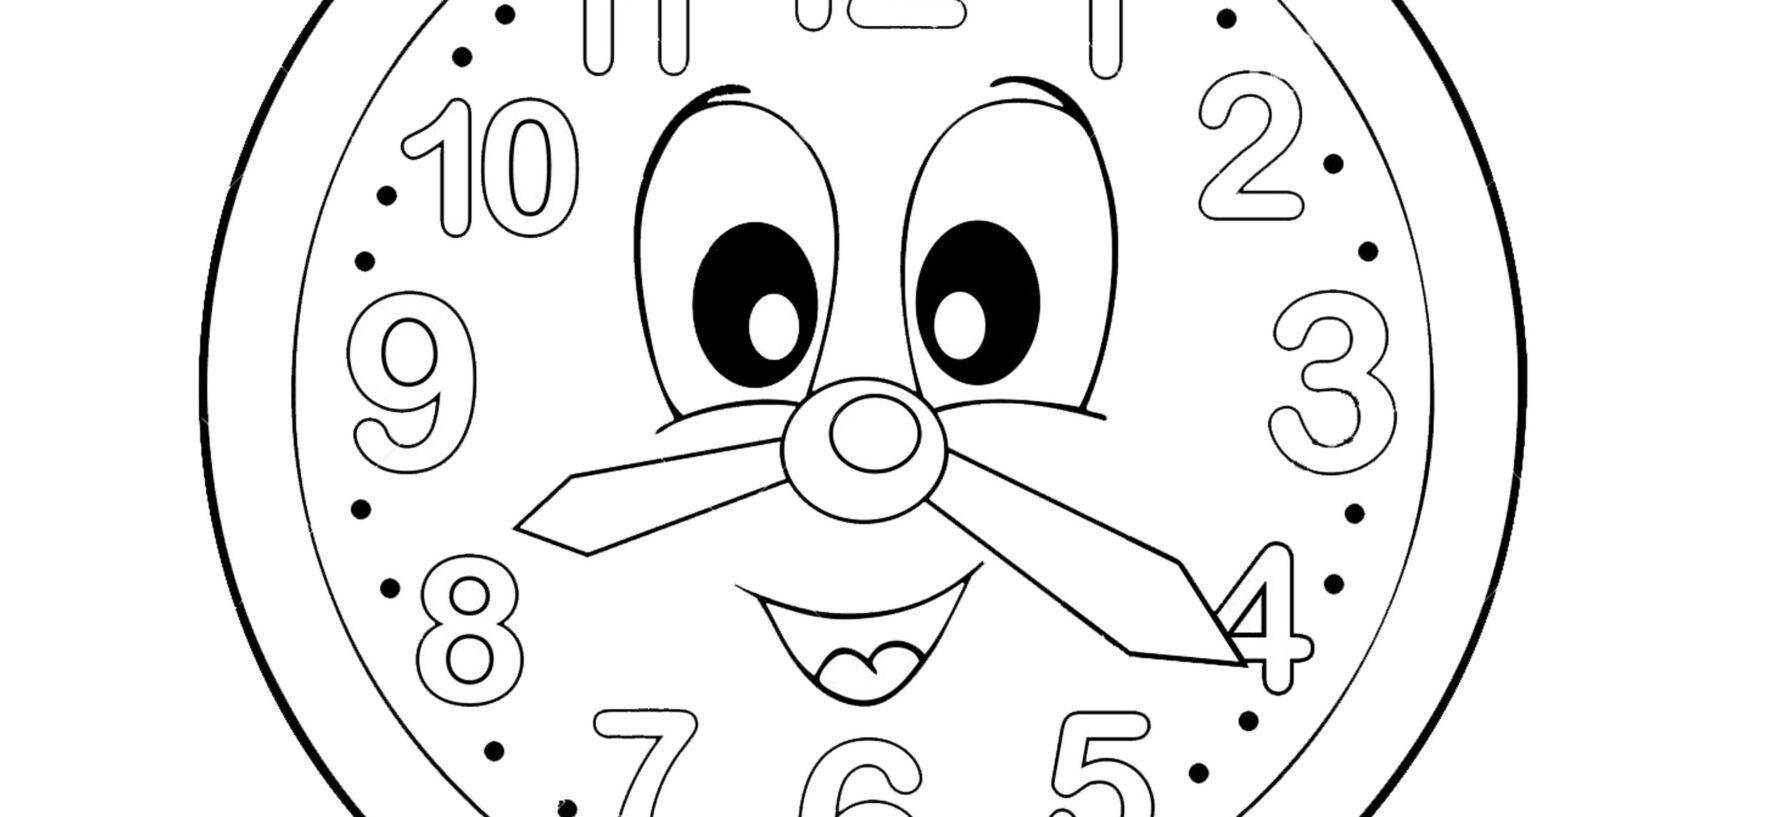 Dire l'ora in inglese: orologio e schede